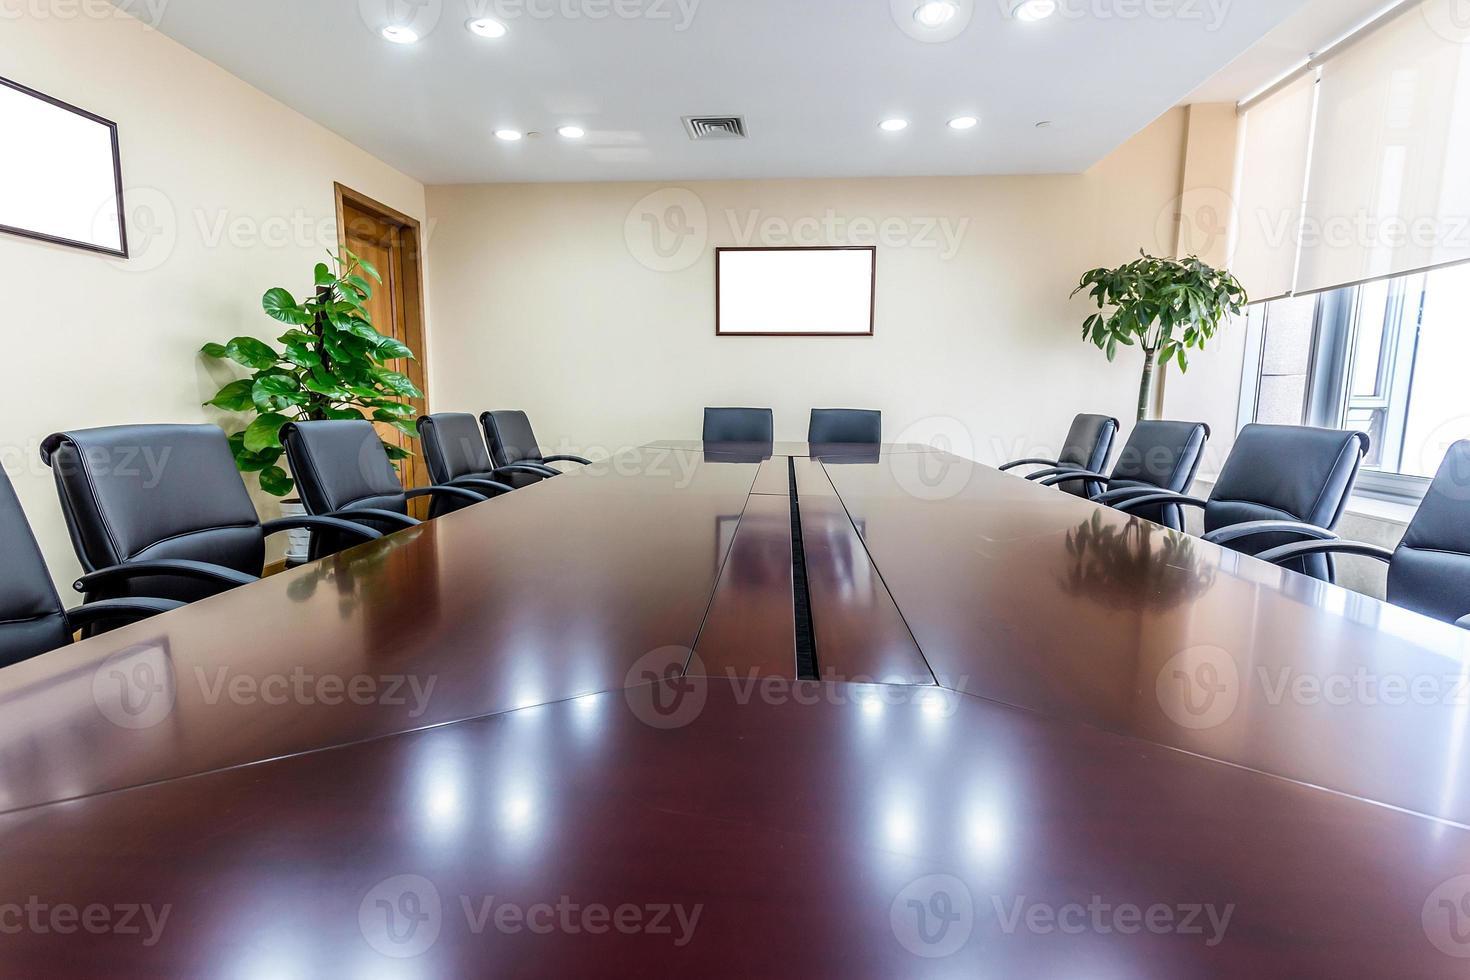 intérieur de la salle de réunion d'affaires photo